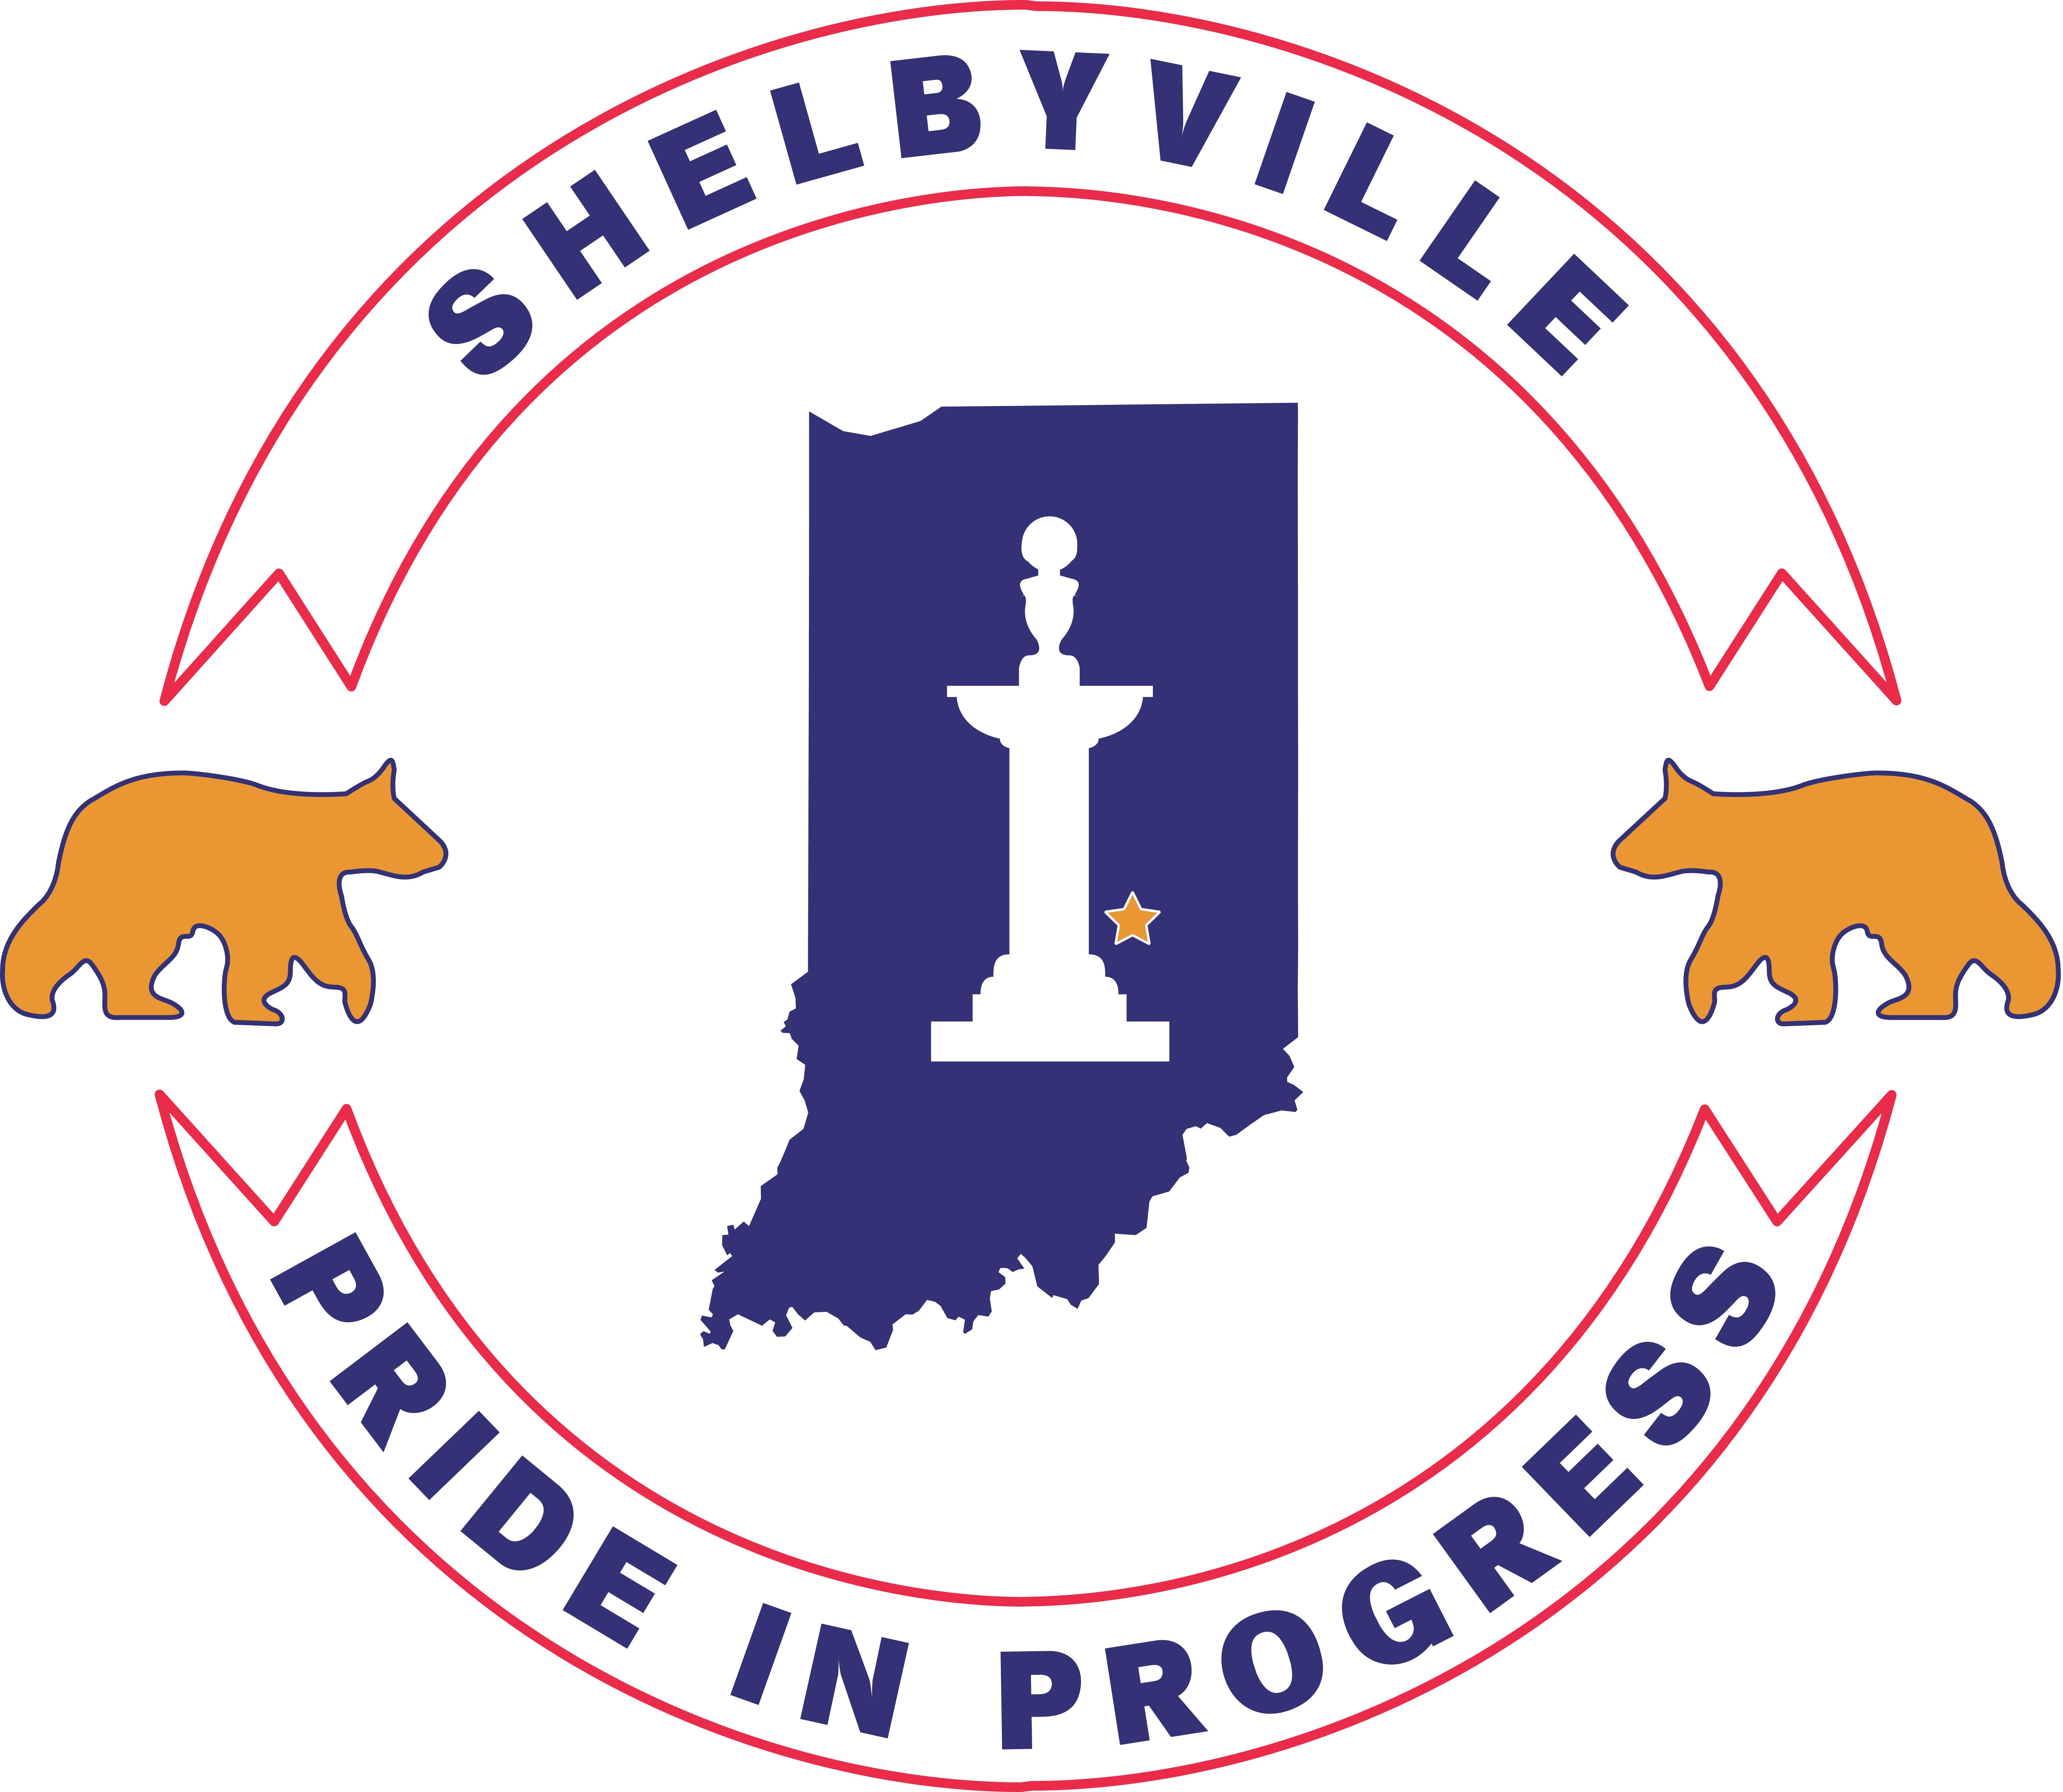 City of Shelbville